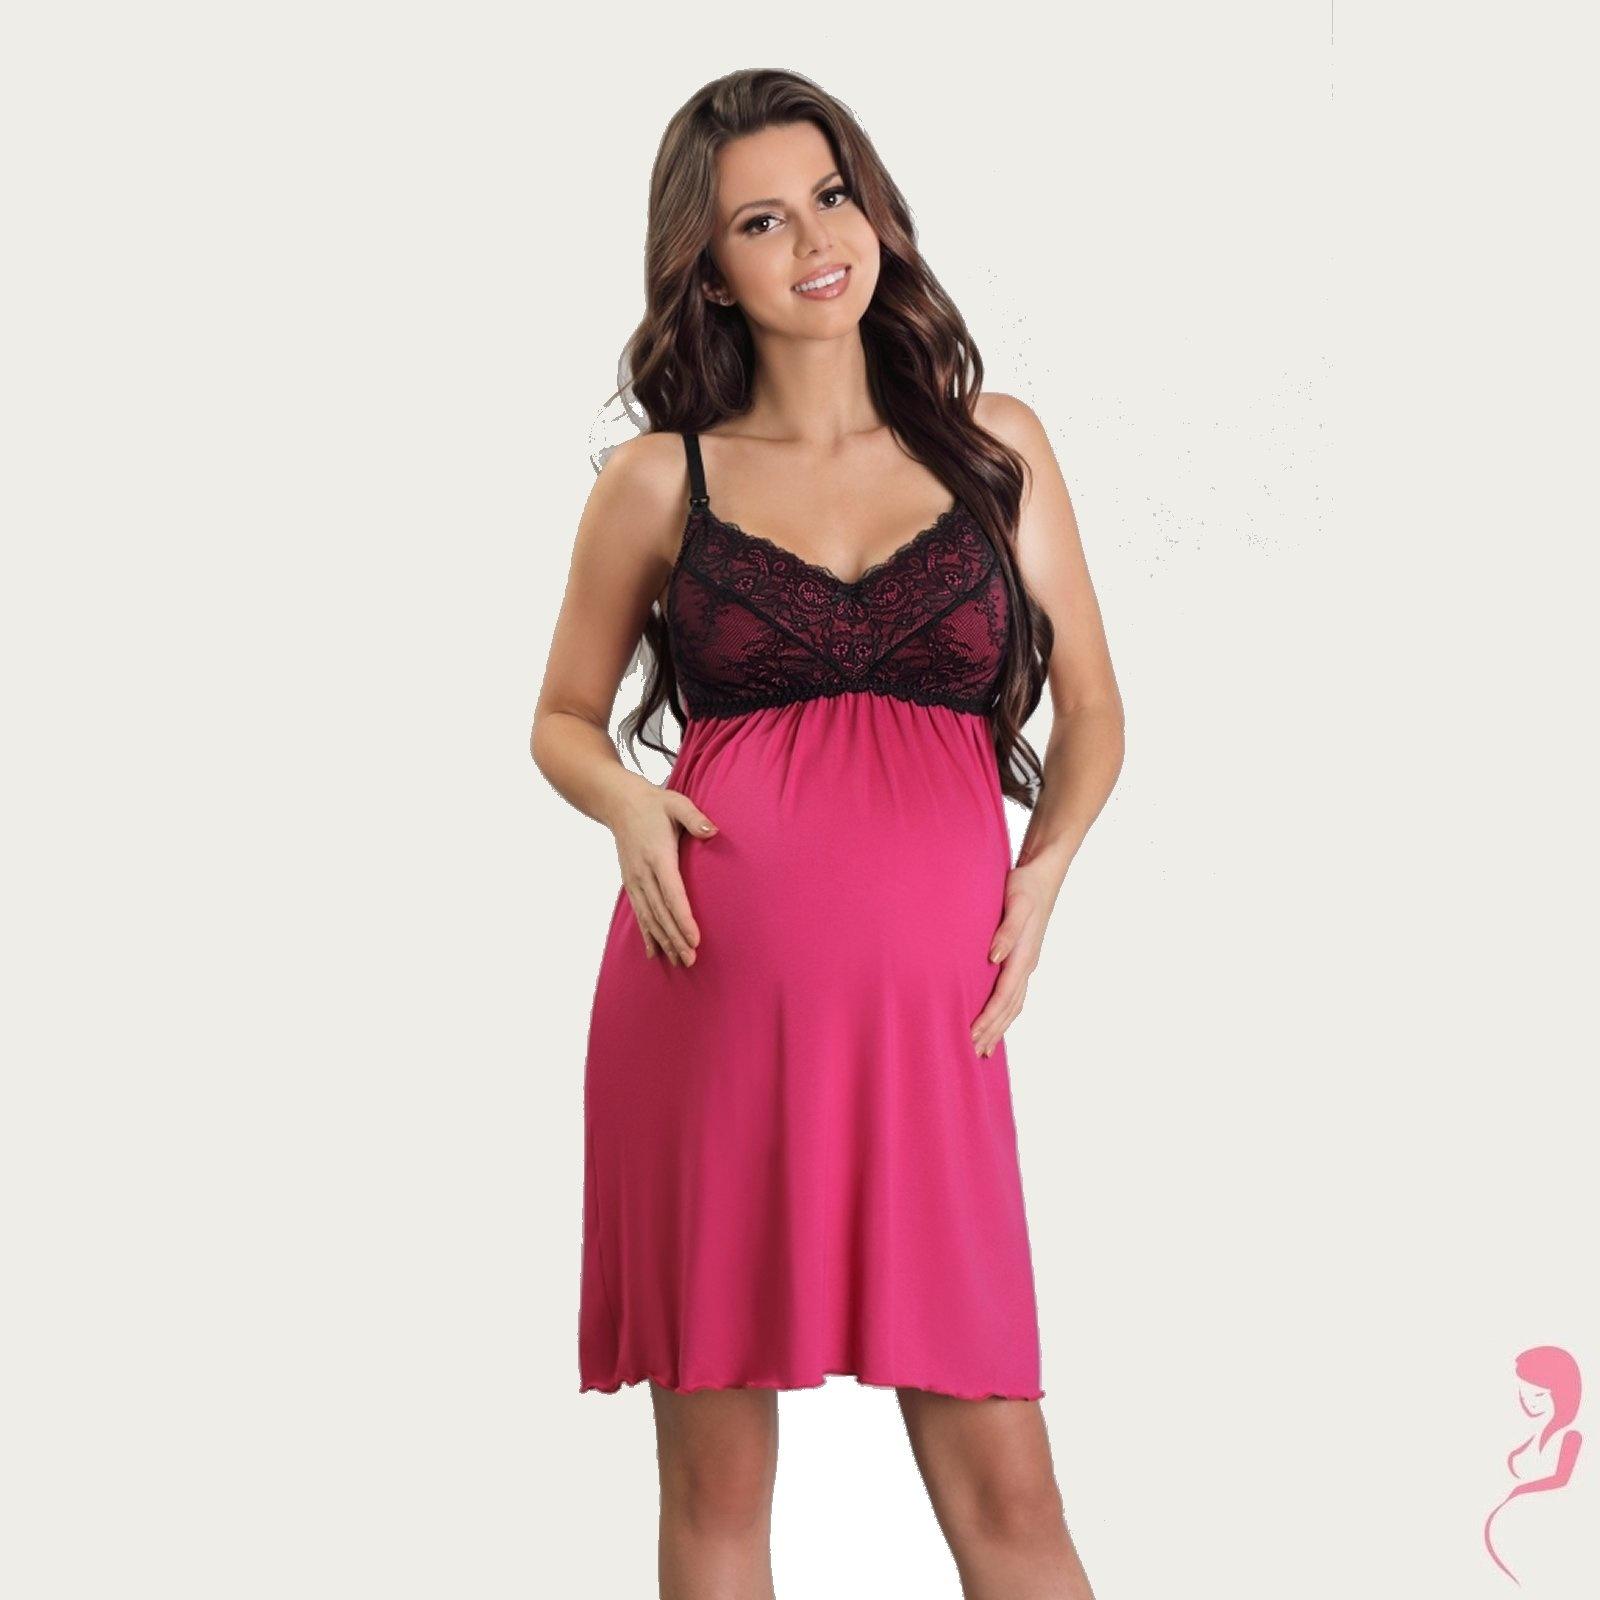 Lupoline Zwangerschapsjurk - Voedingsjurk Sexy Pink